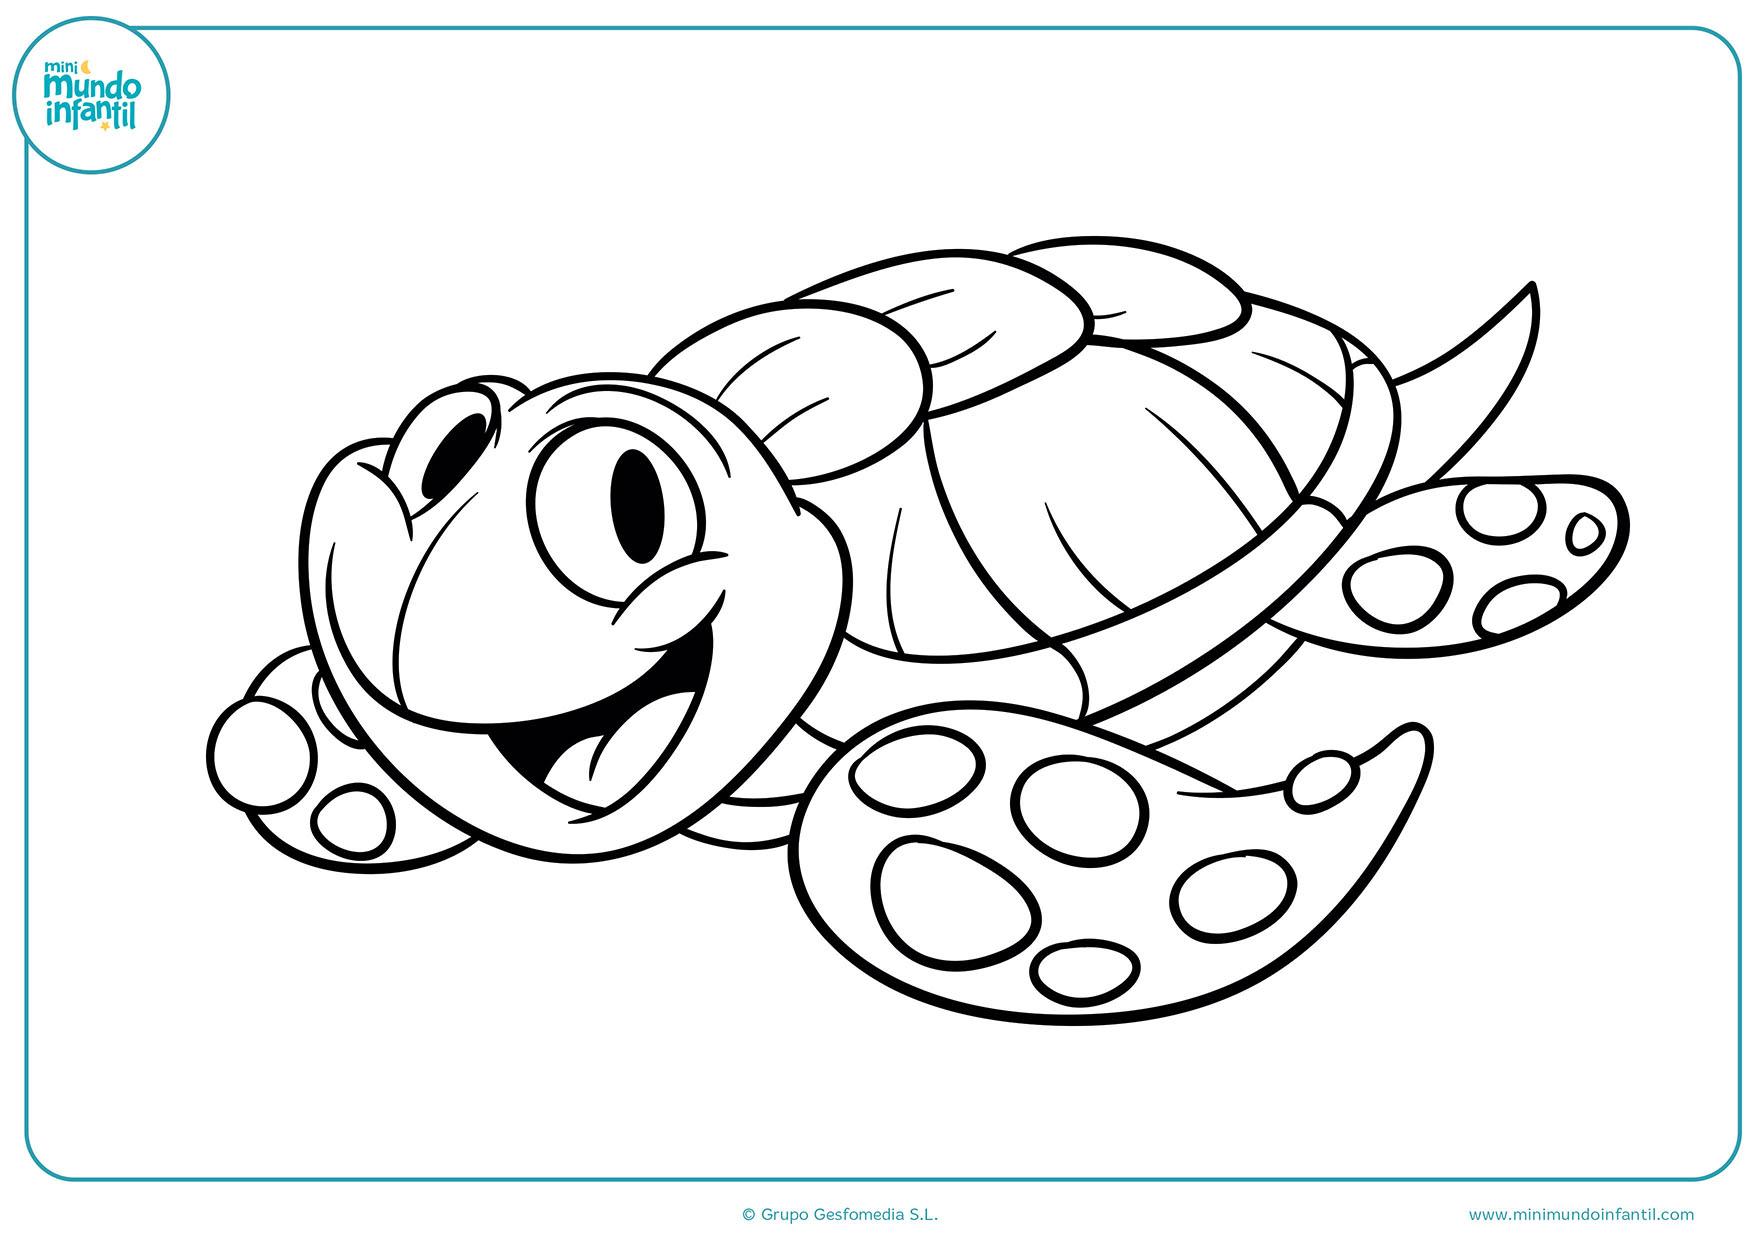 Animales Para Colorear: Dibujos De Animales Domésticos Para Colorear